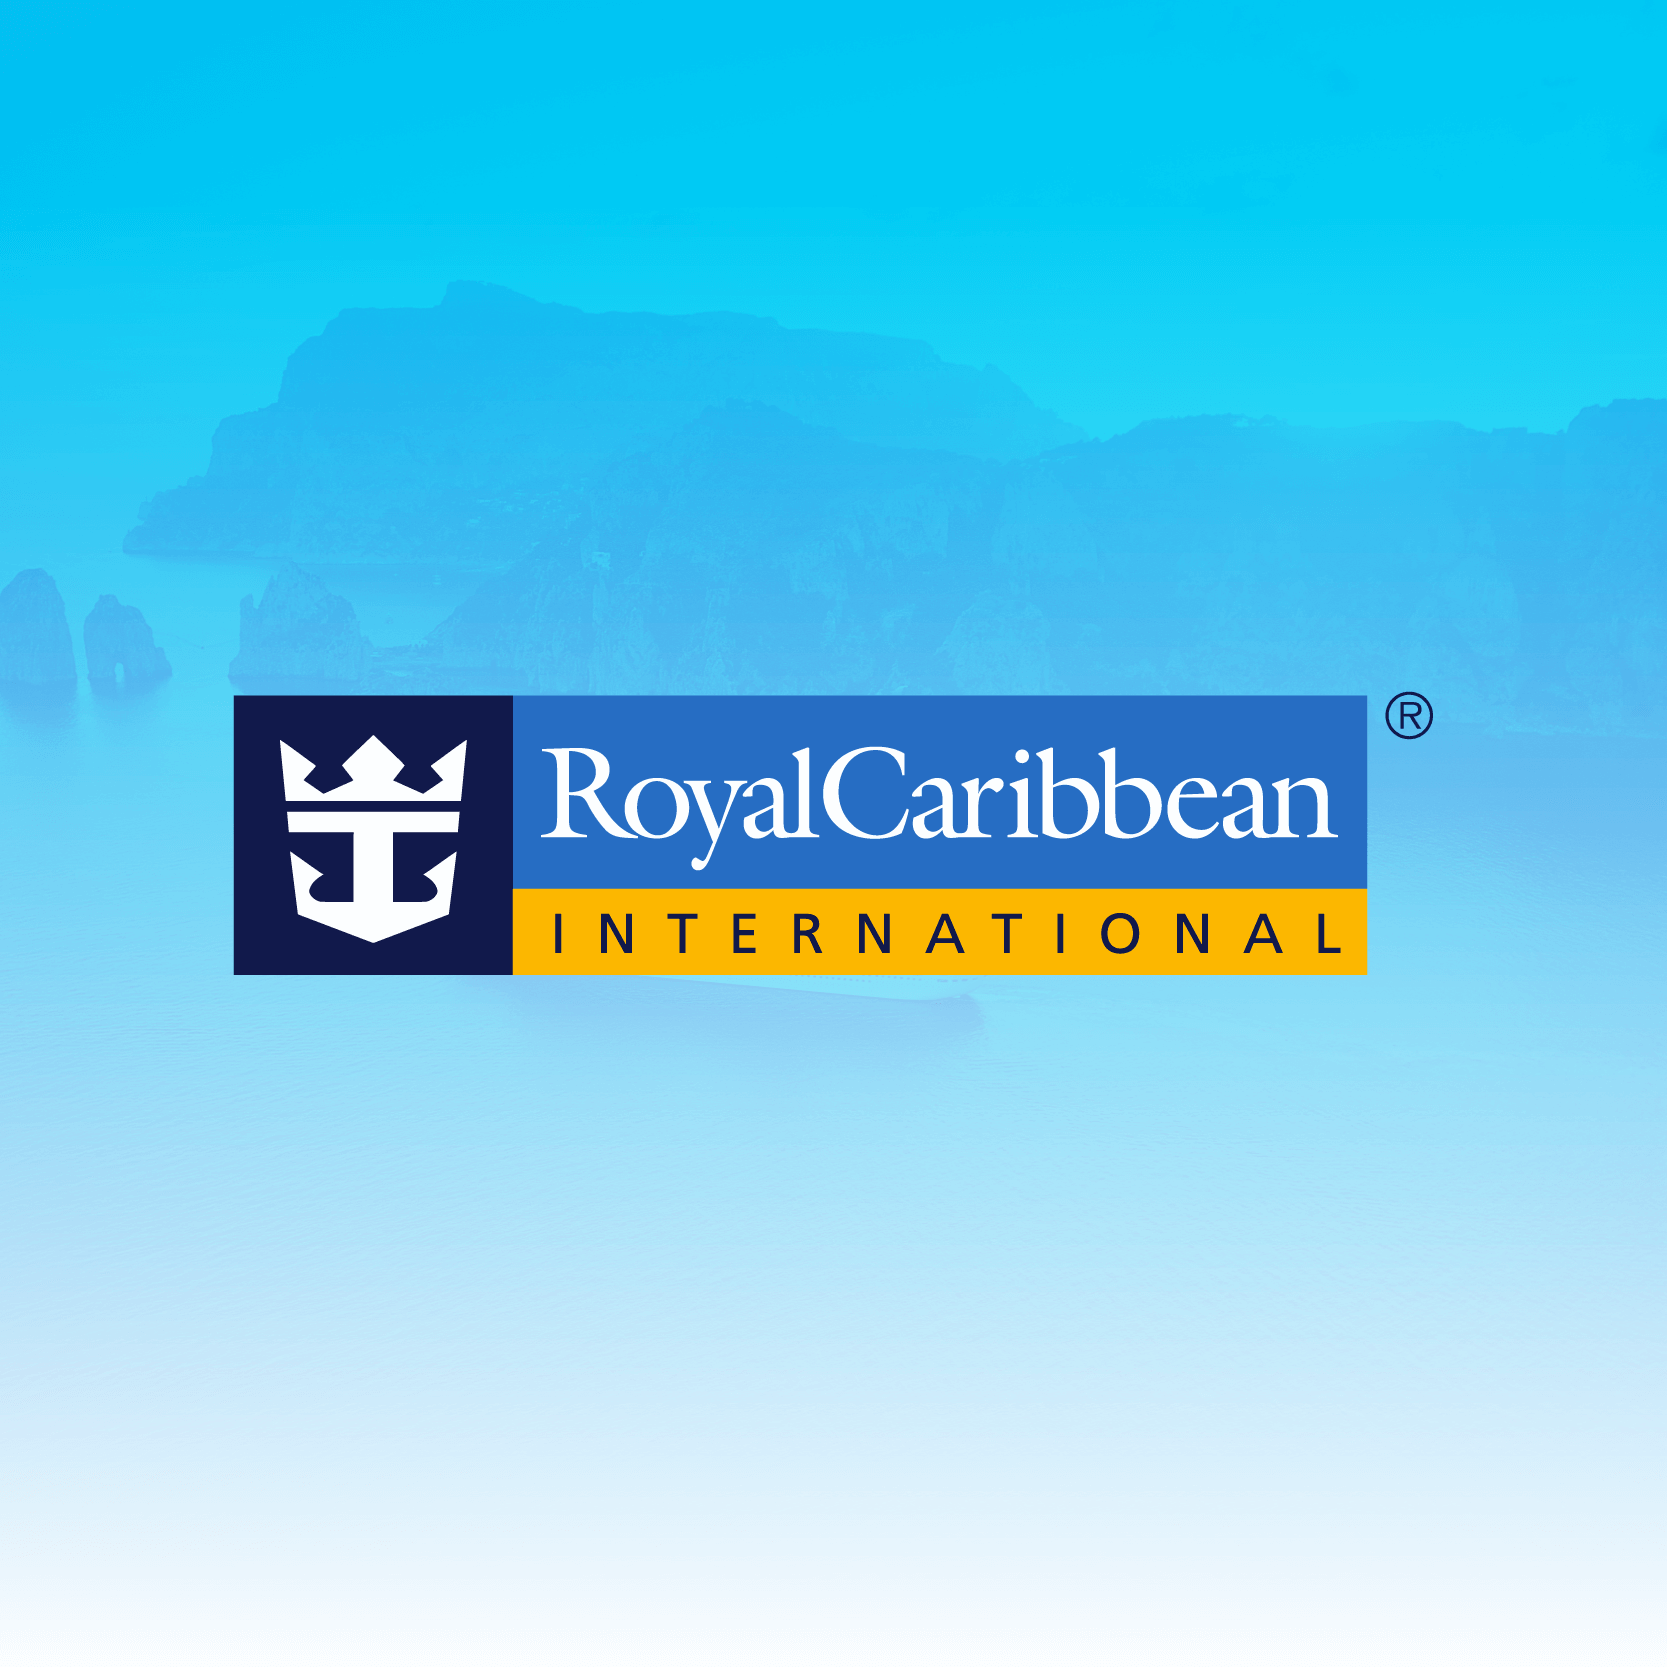 royalcaribbean-slider-03